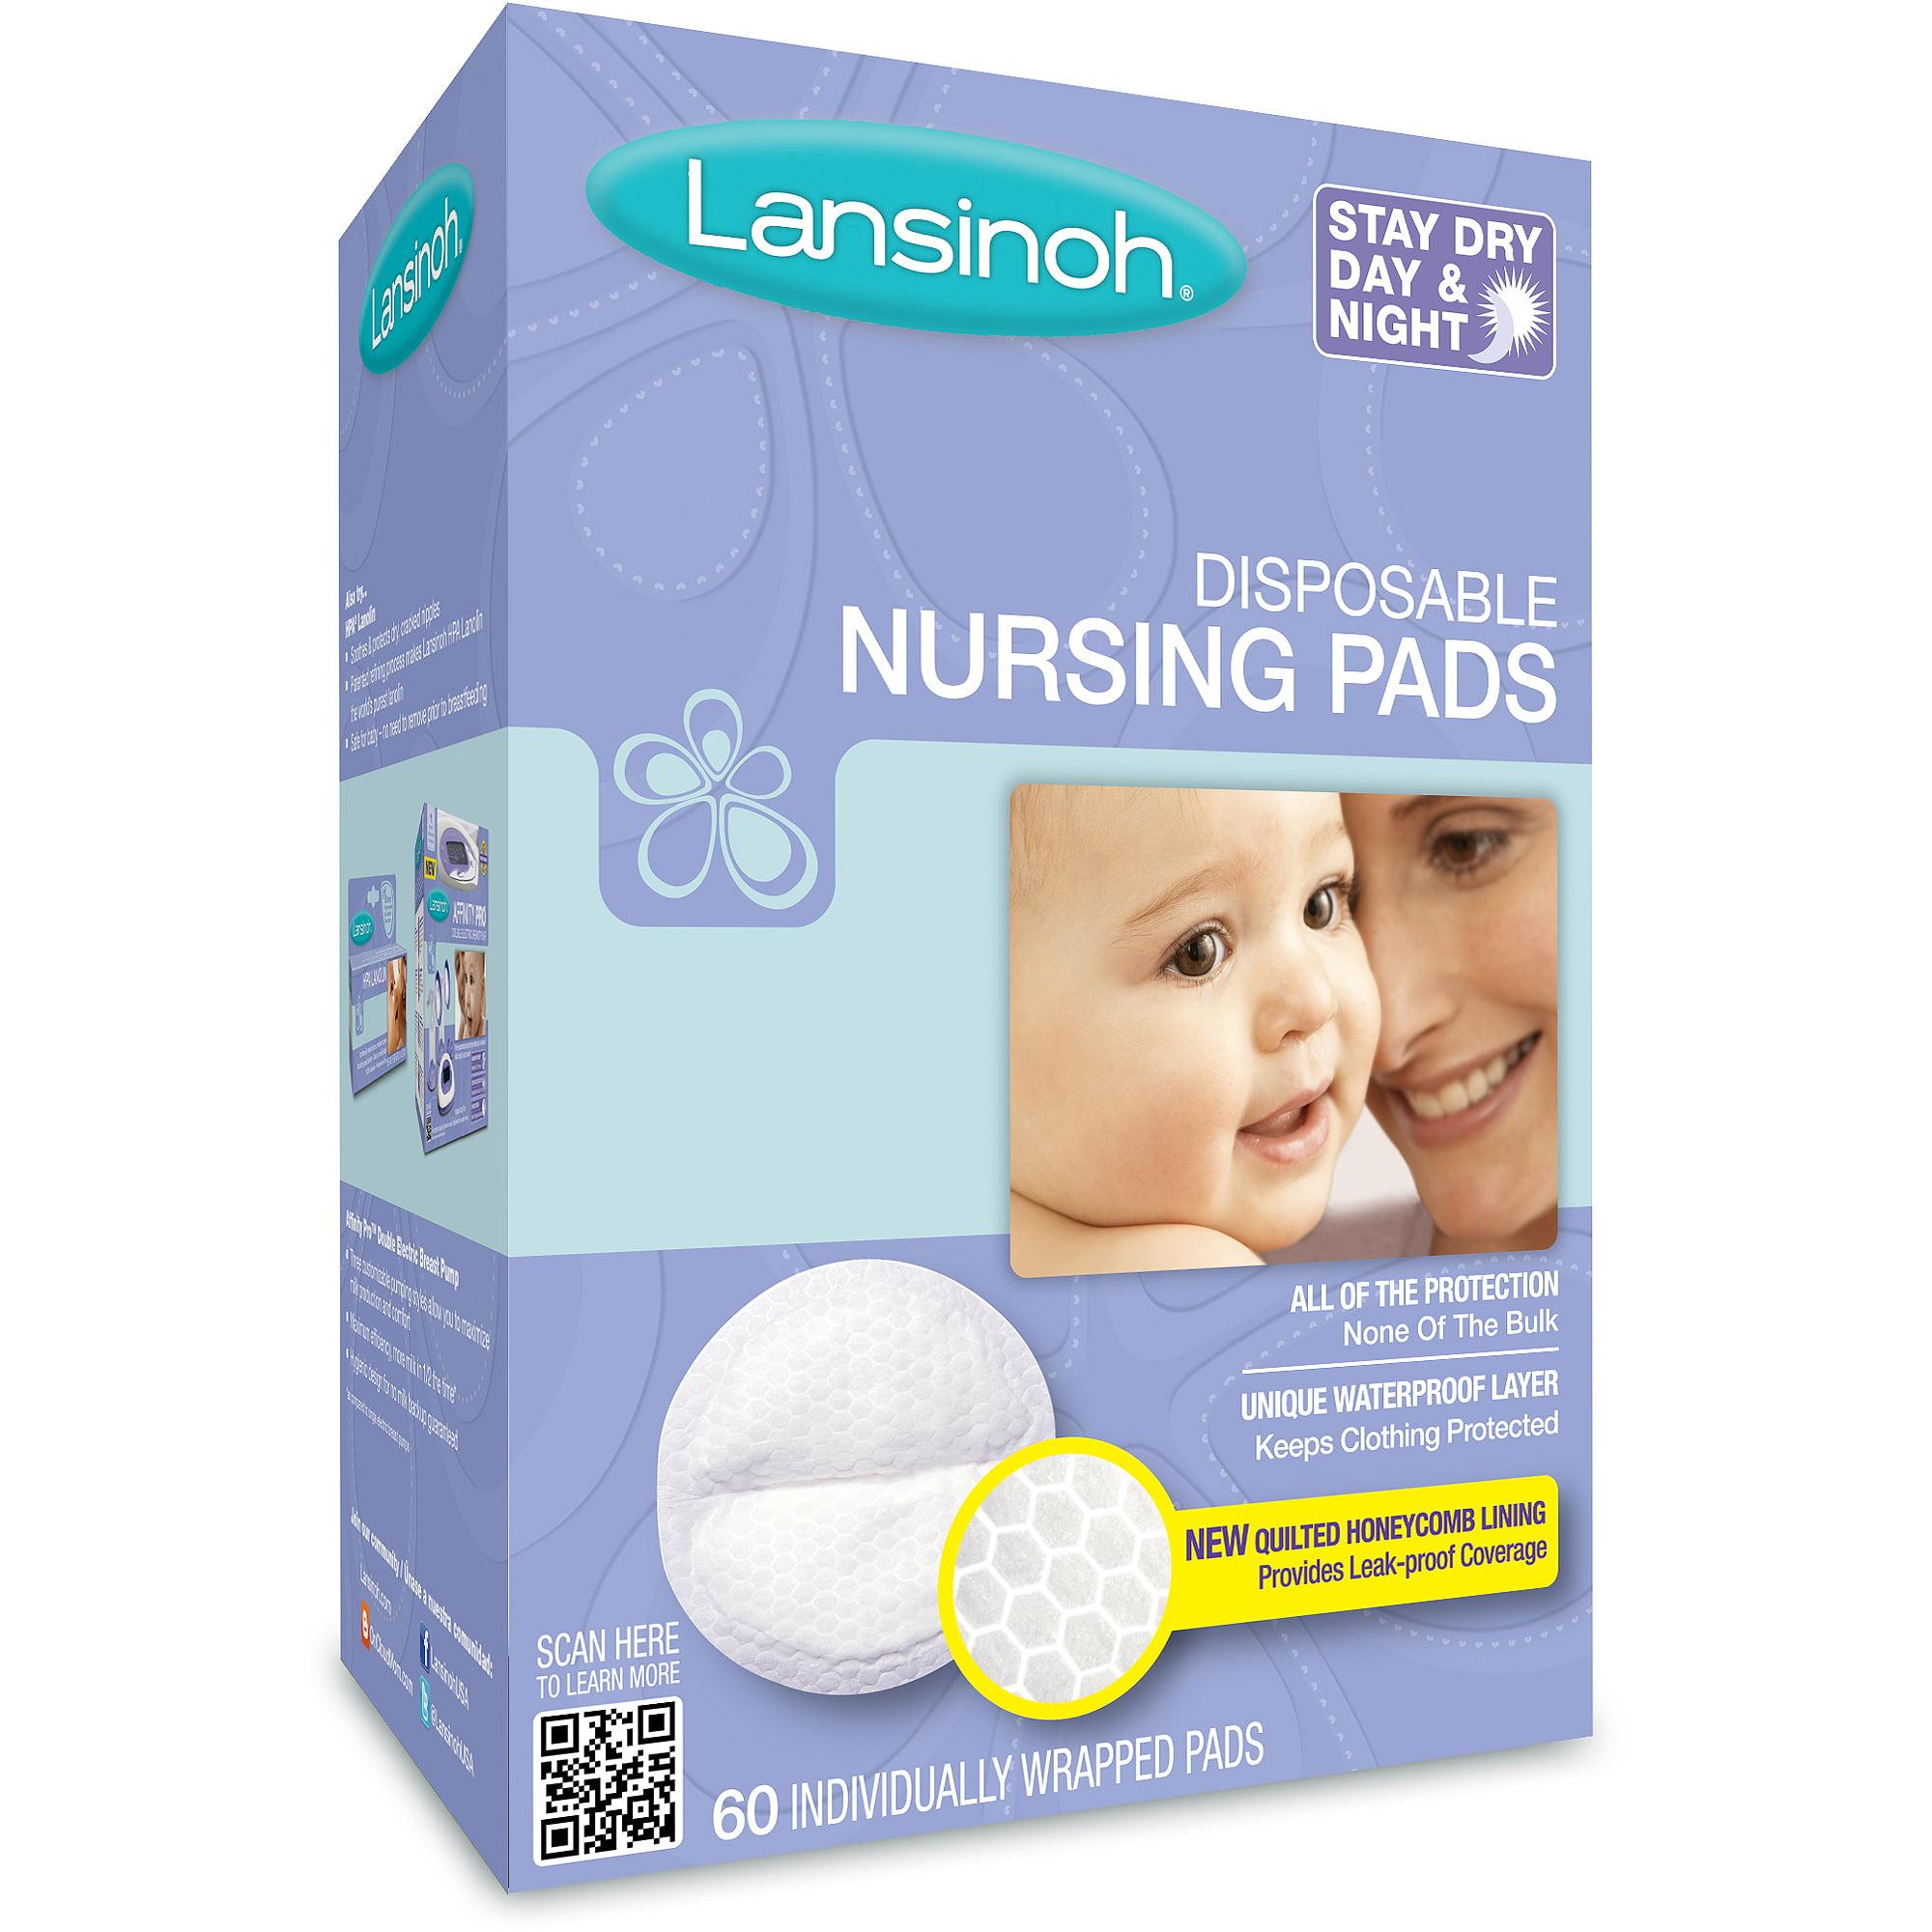 Lansinoh - Disposable Nursing Pads, 60-Count